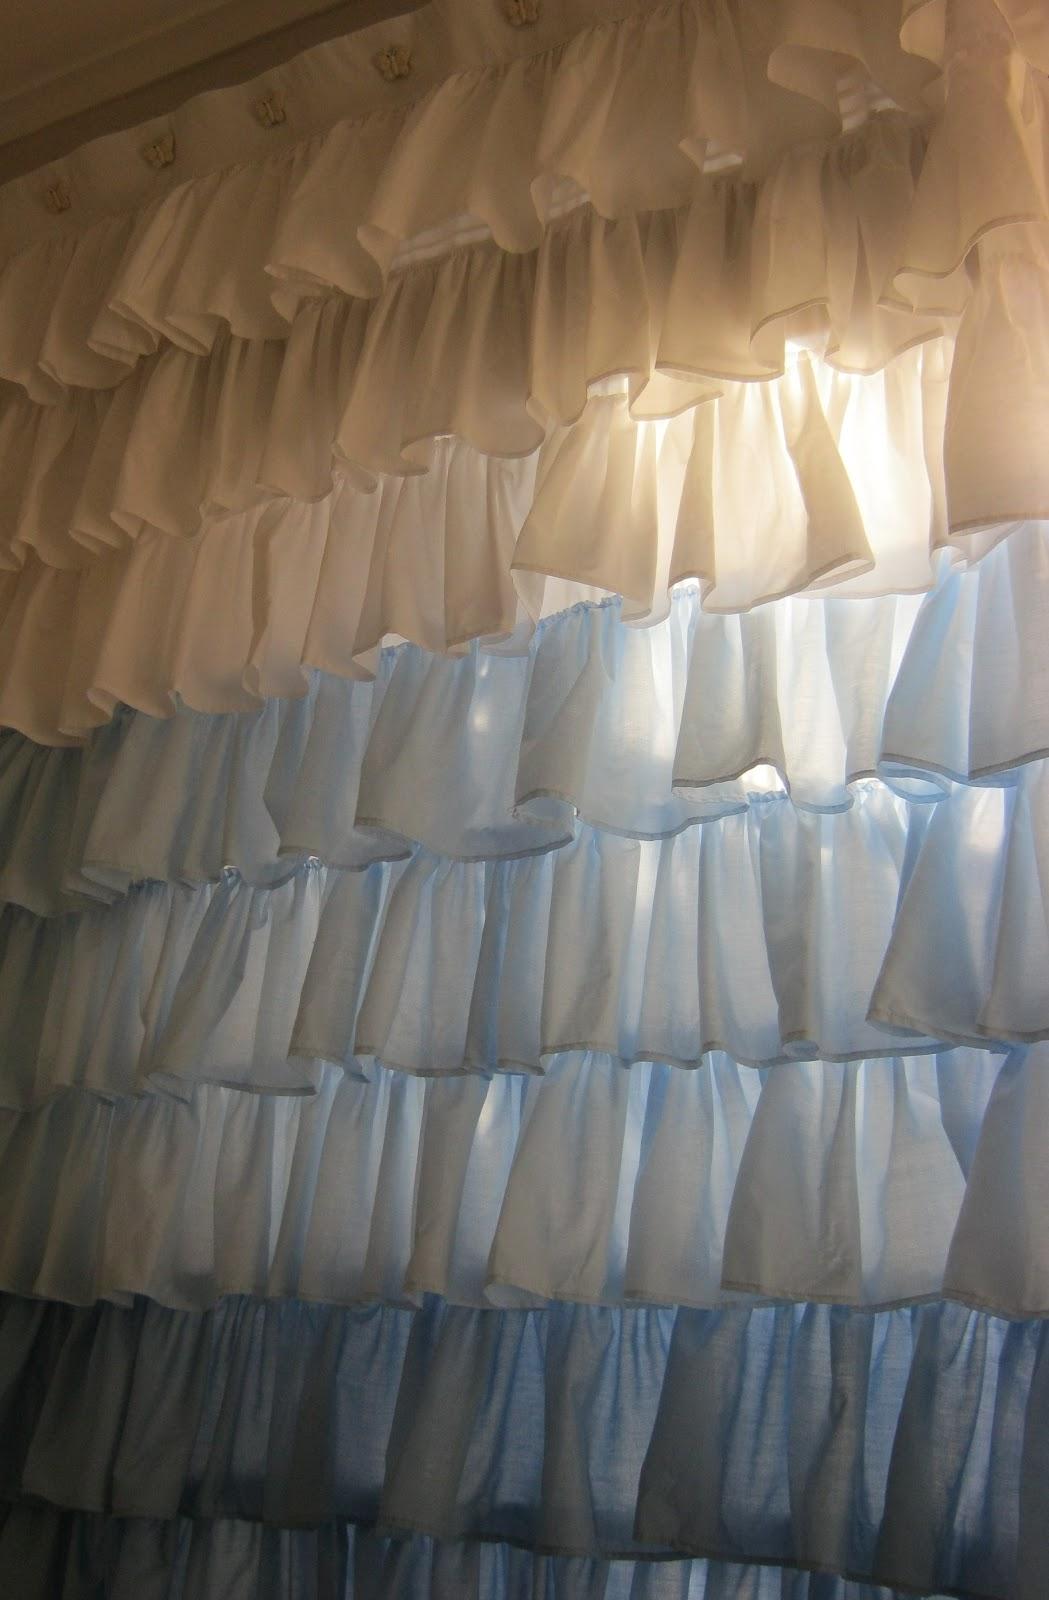 Paz montealegre decoraci n toallas accesorios y for Accesorios para cortinas de bano